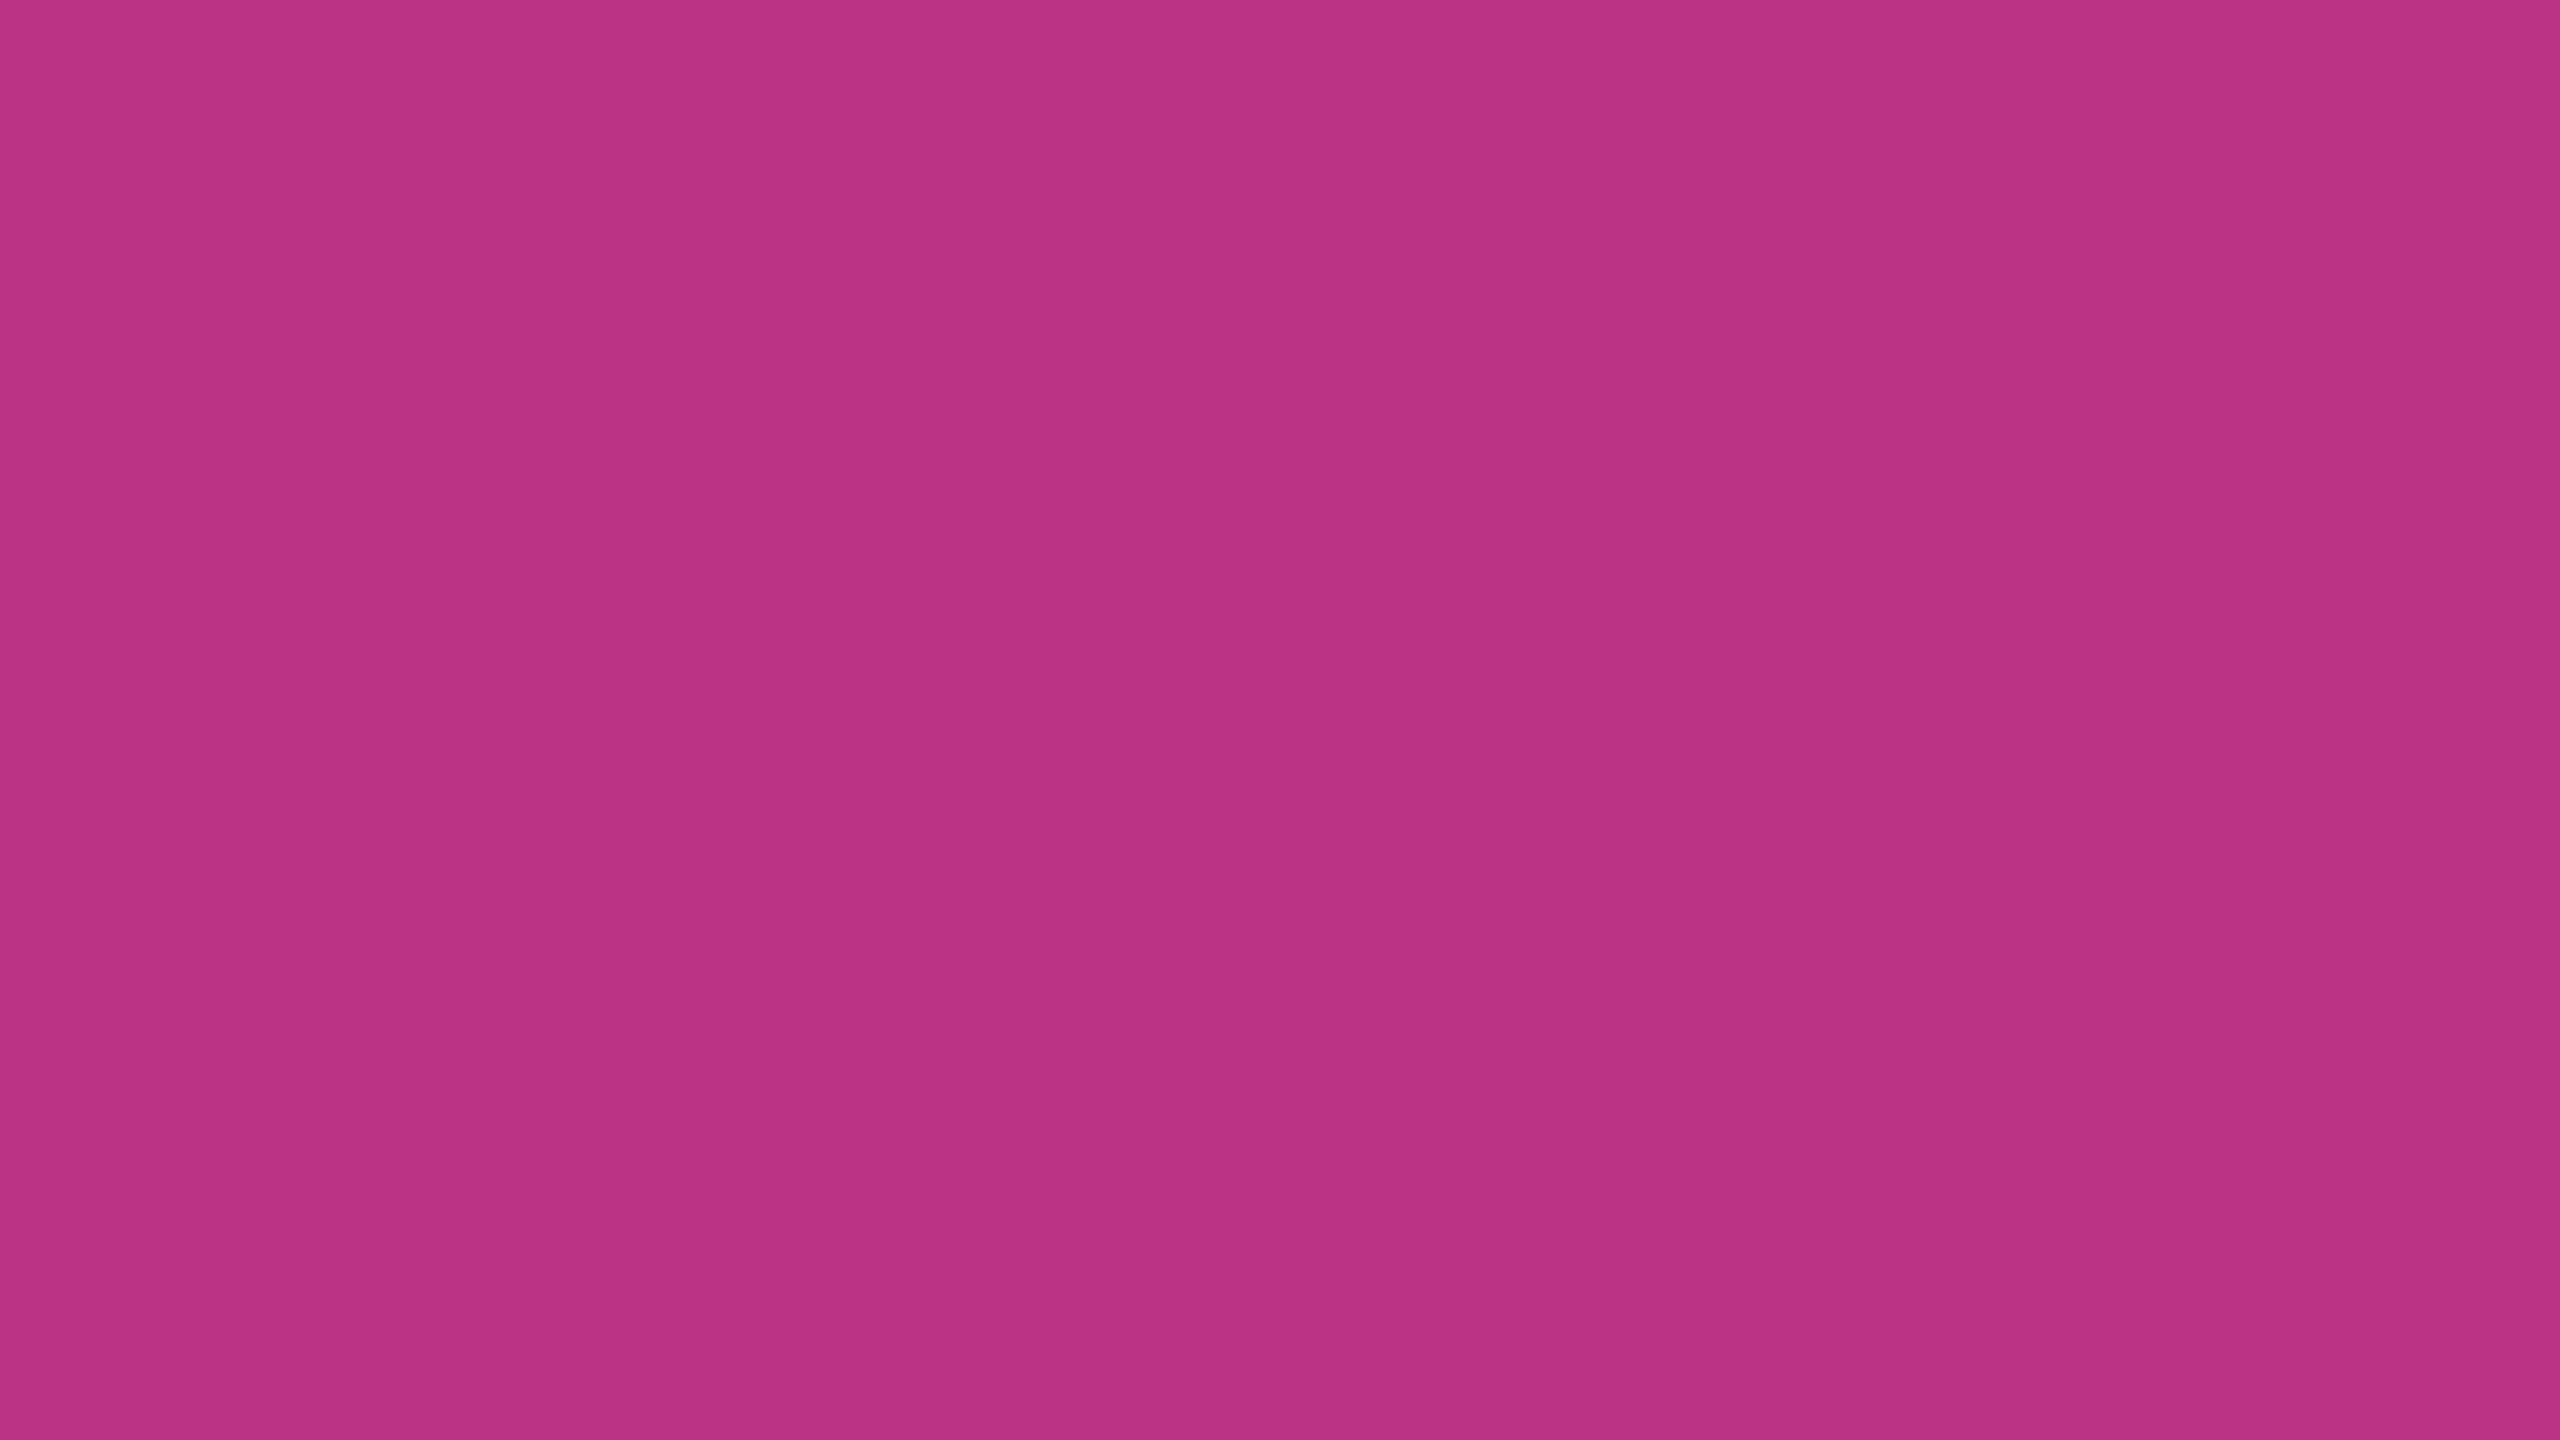 2560x1440 Medium Red-violet Solid Color Background